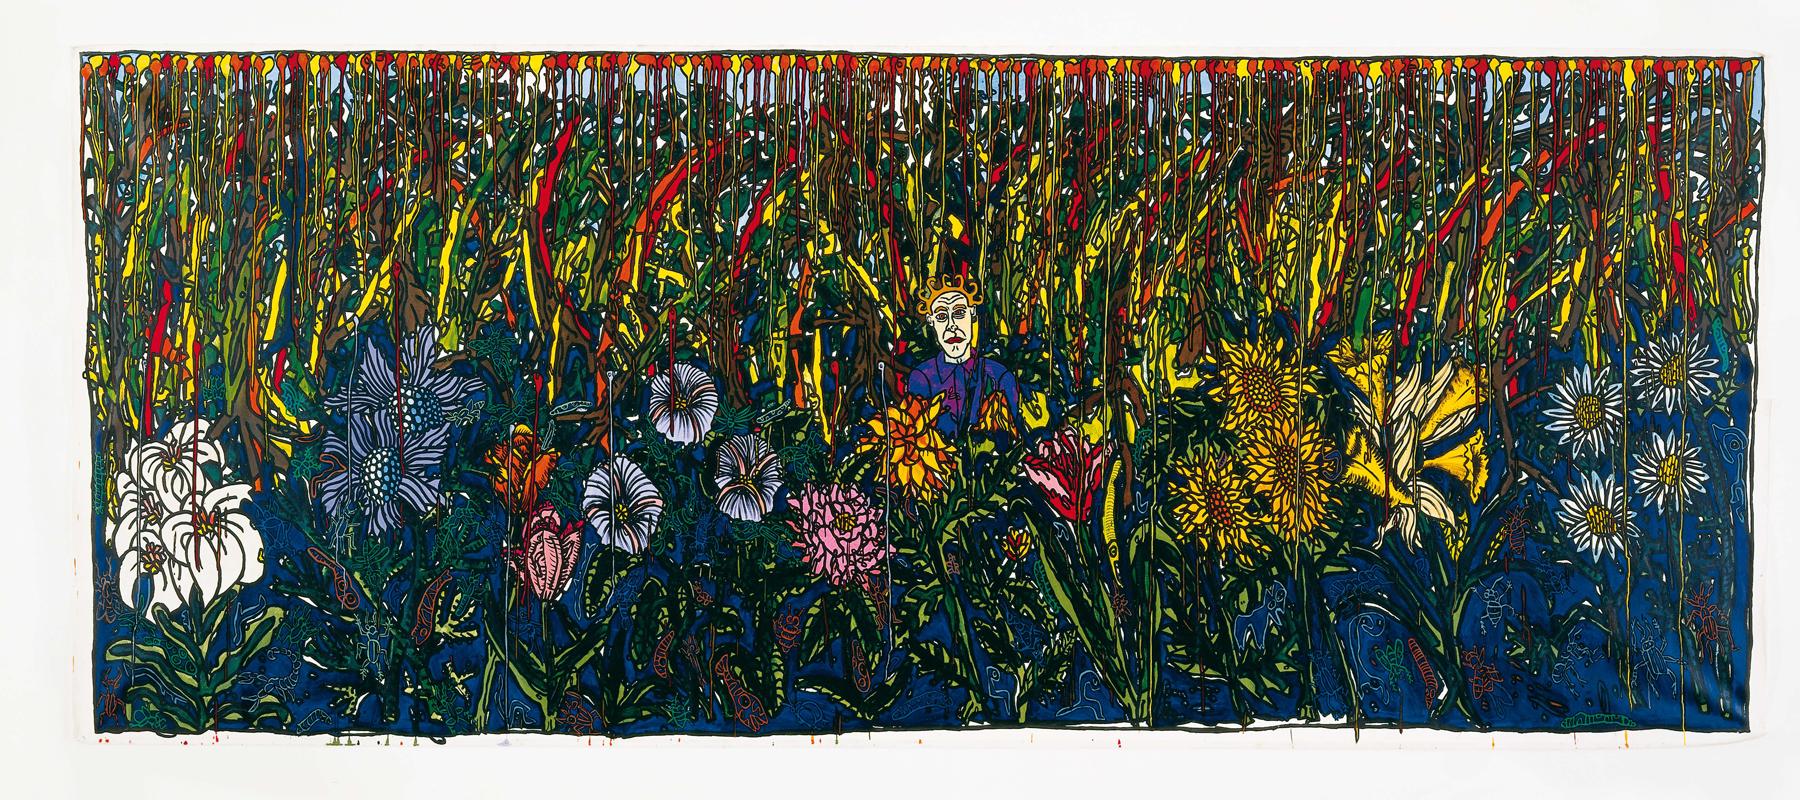 L autiste dans la for t de fleurs 1991 for Dans la foret